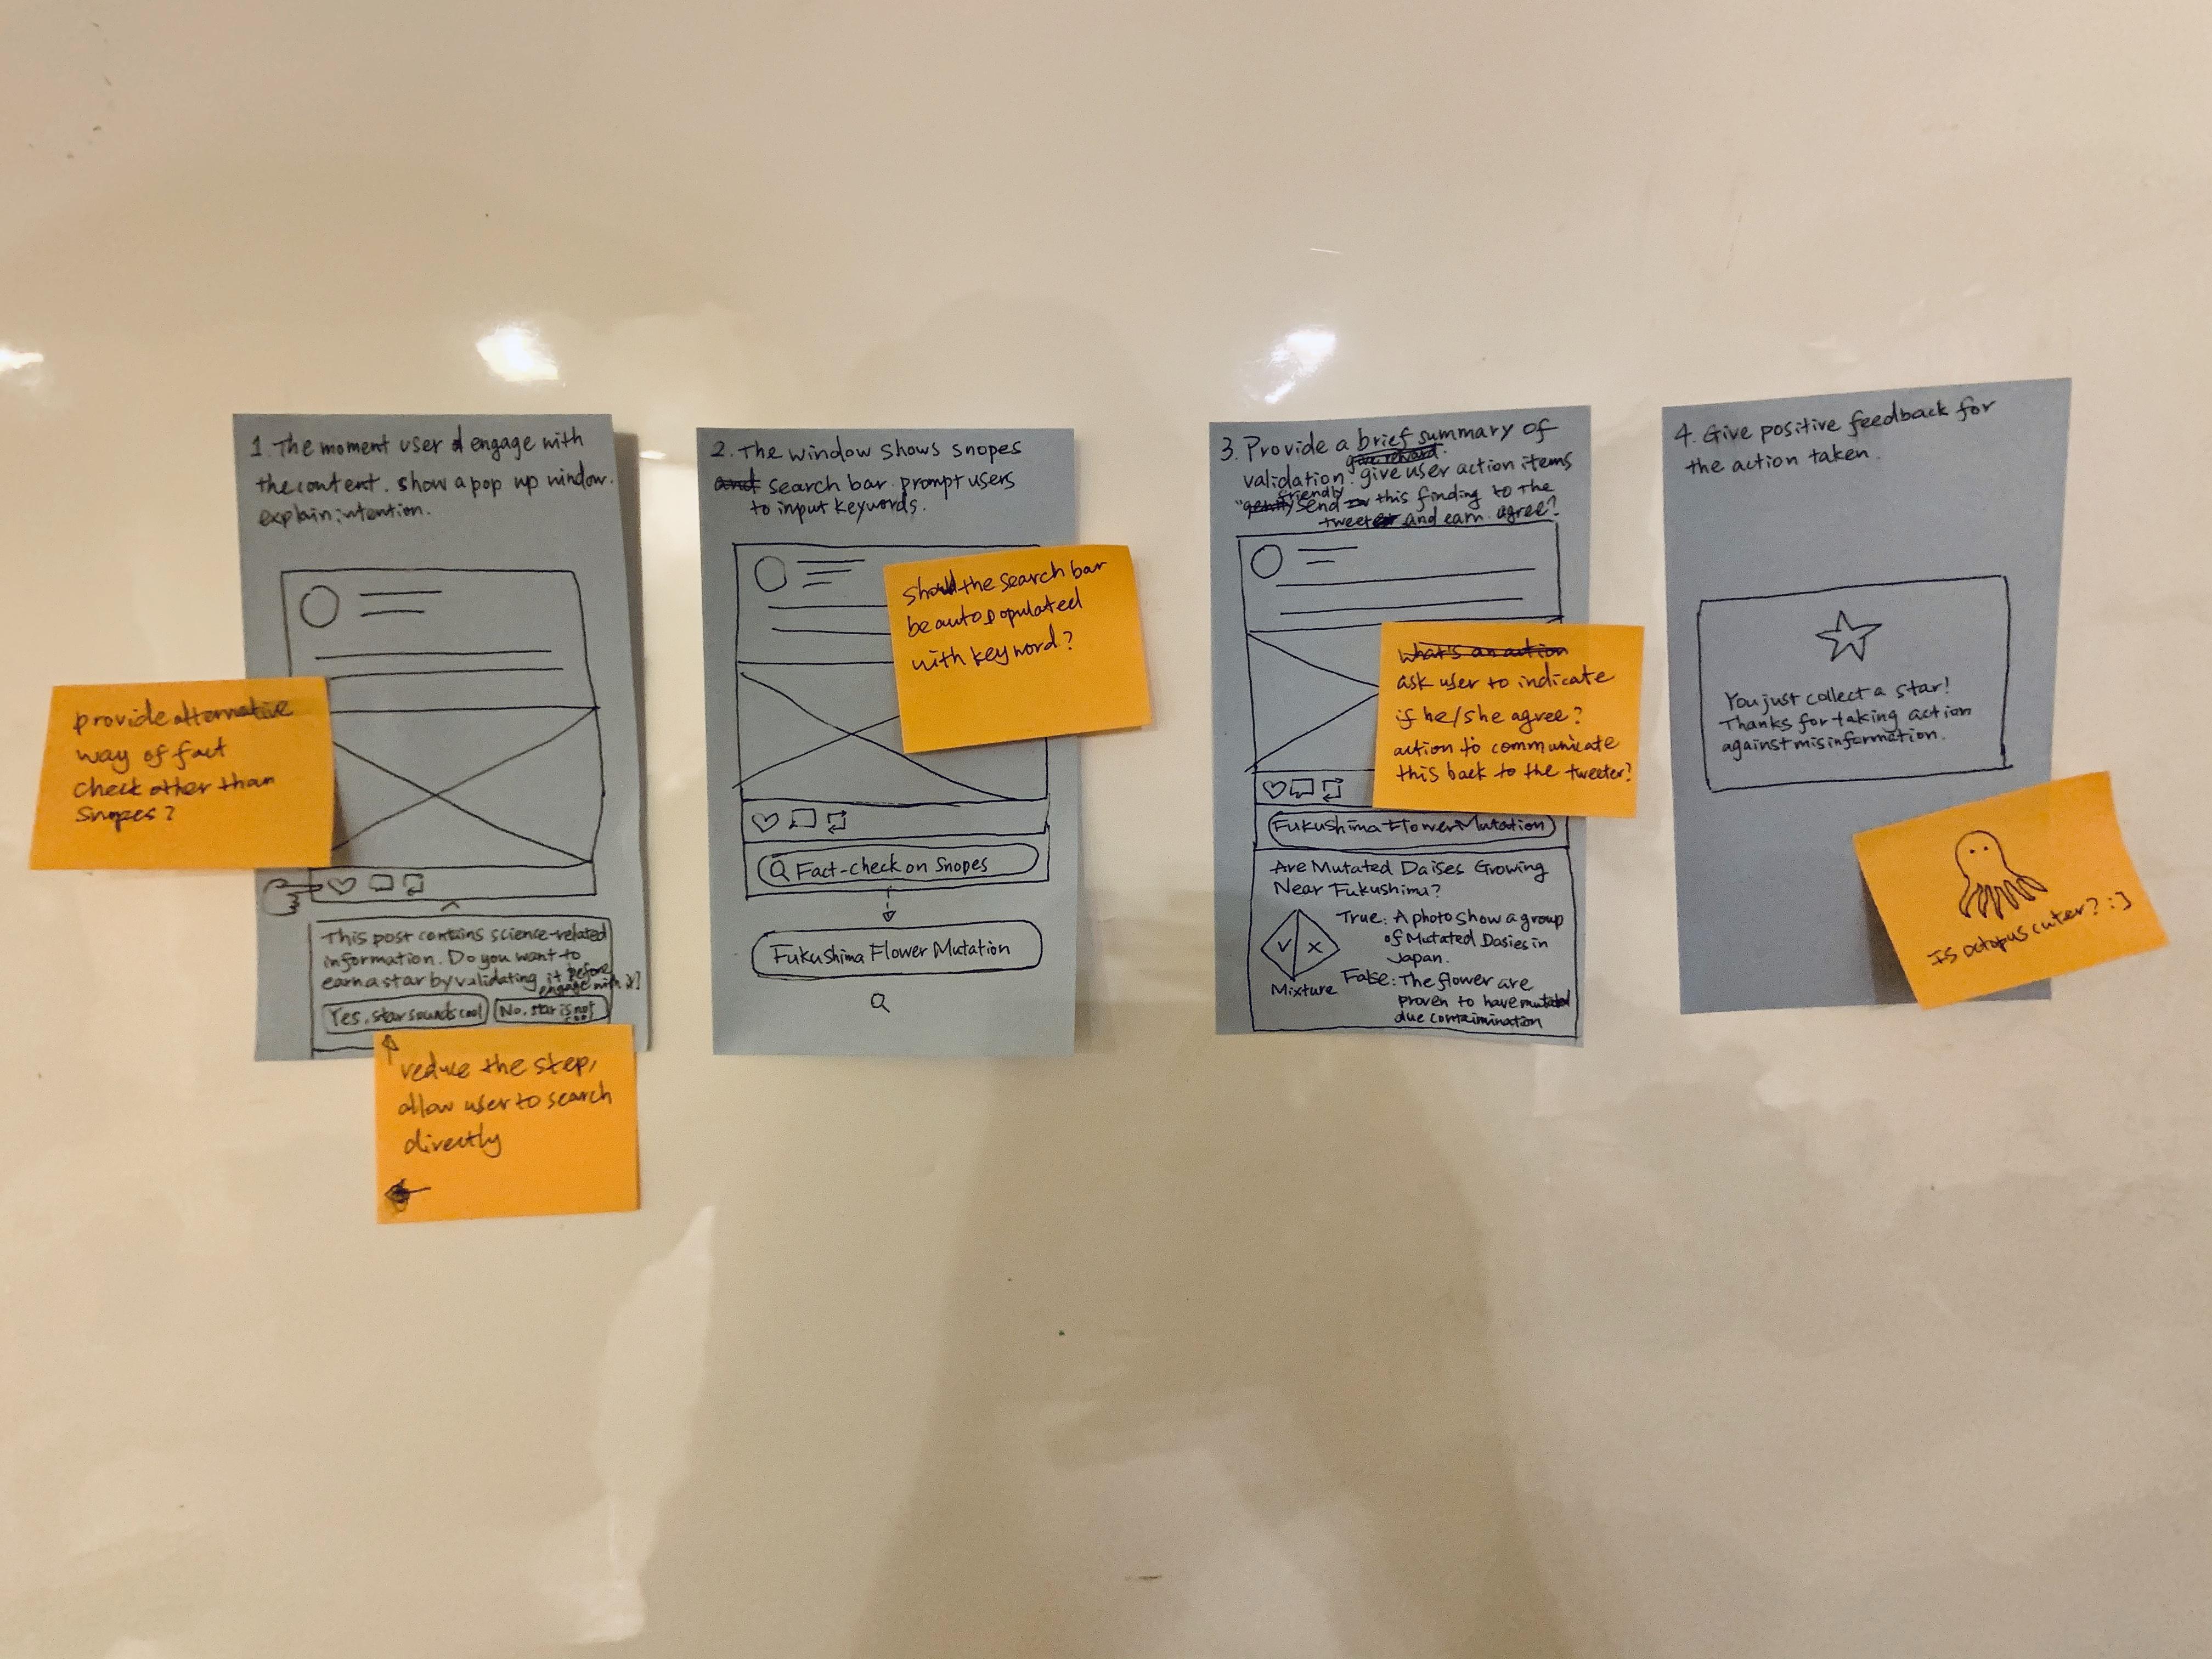 Drafting Prototype @Tara Lin